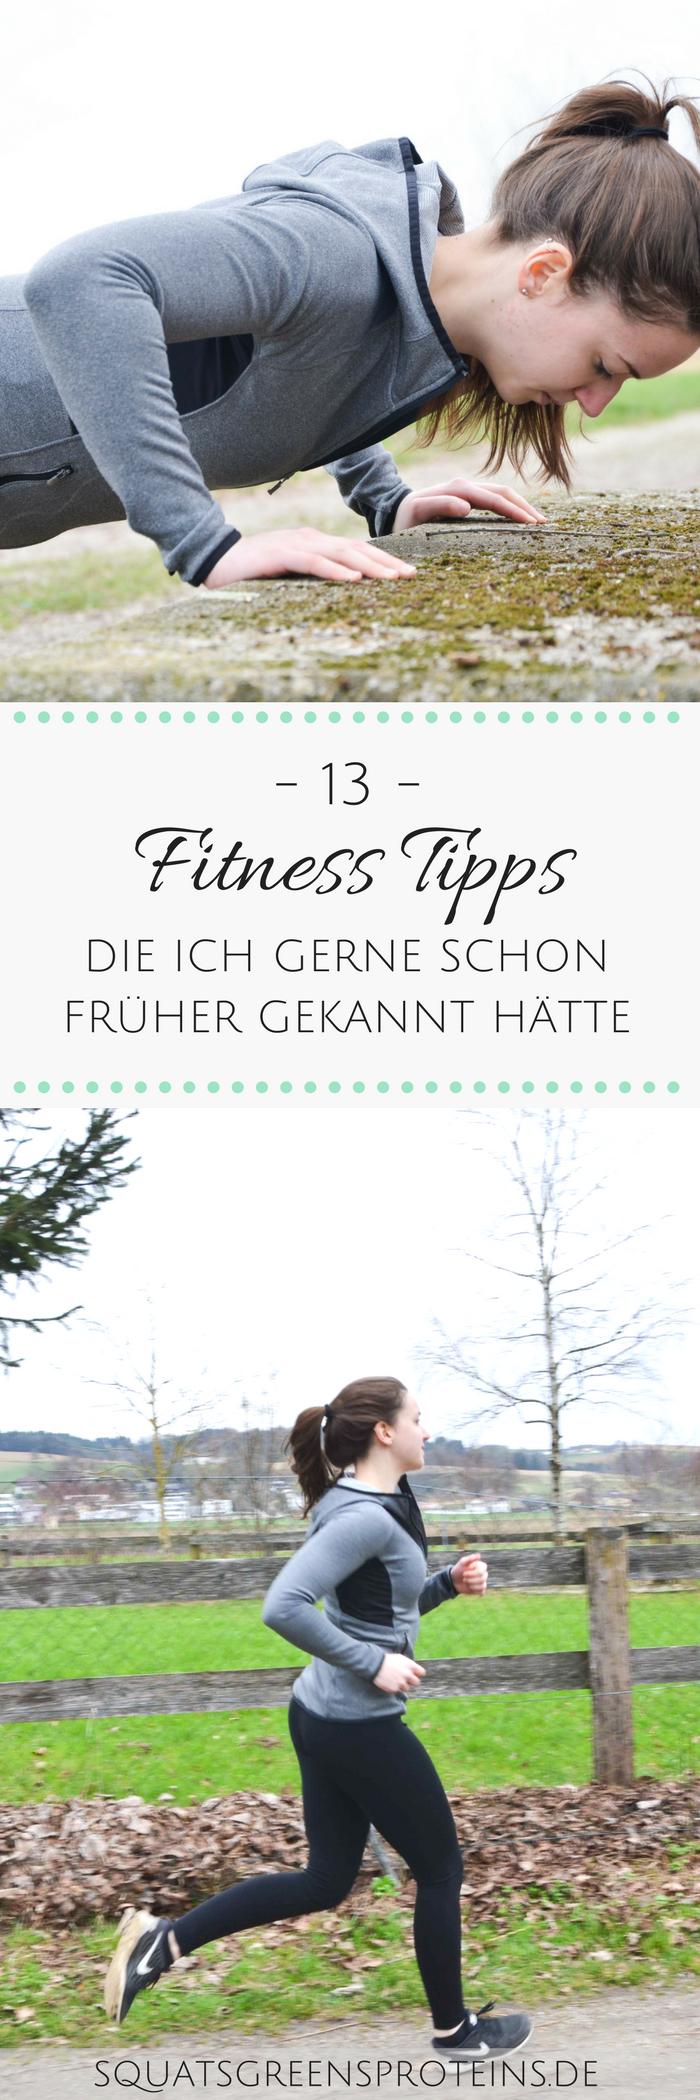 Photo of 13 Fitnesstipps, die ich gerne mit 17 gekannt hätte – Anfängerfehler im Sport – Squats, Greens & Proteins by Melanie